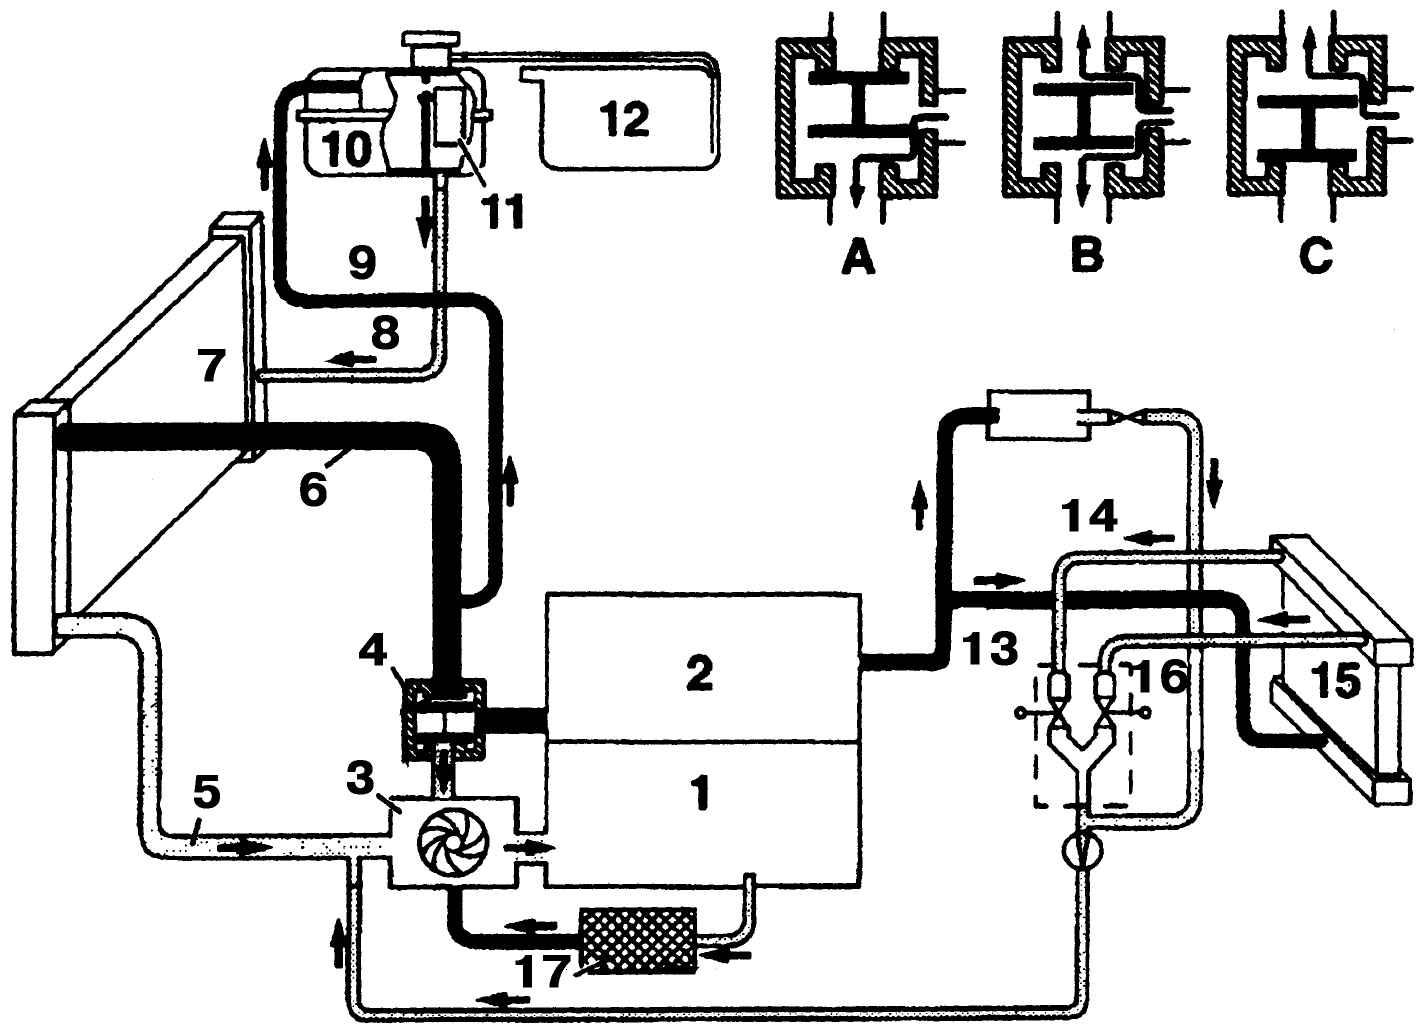 угу. тогда, а на кой лят Вы пользуетесь схемой охлаждения дизельного двигателя??? вот Ваша схема для начала.